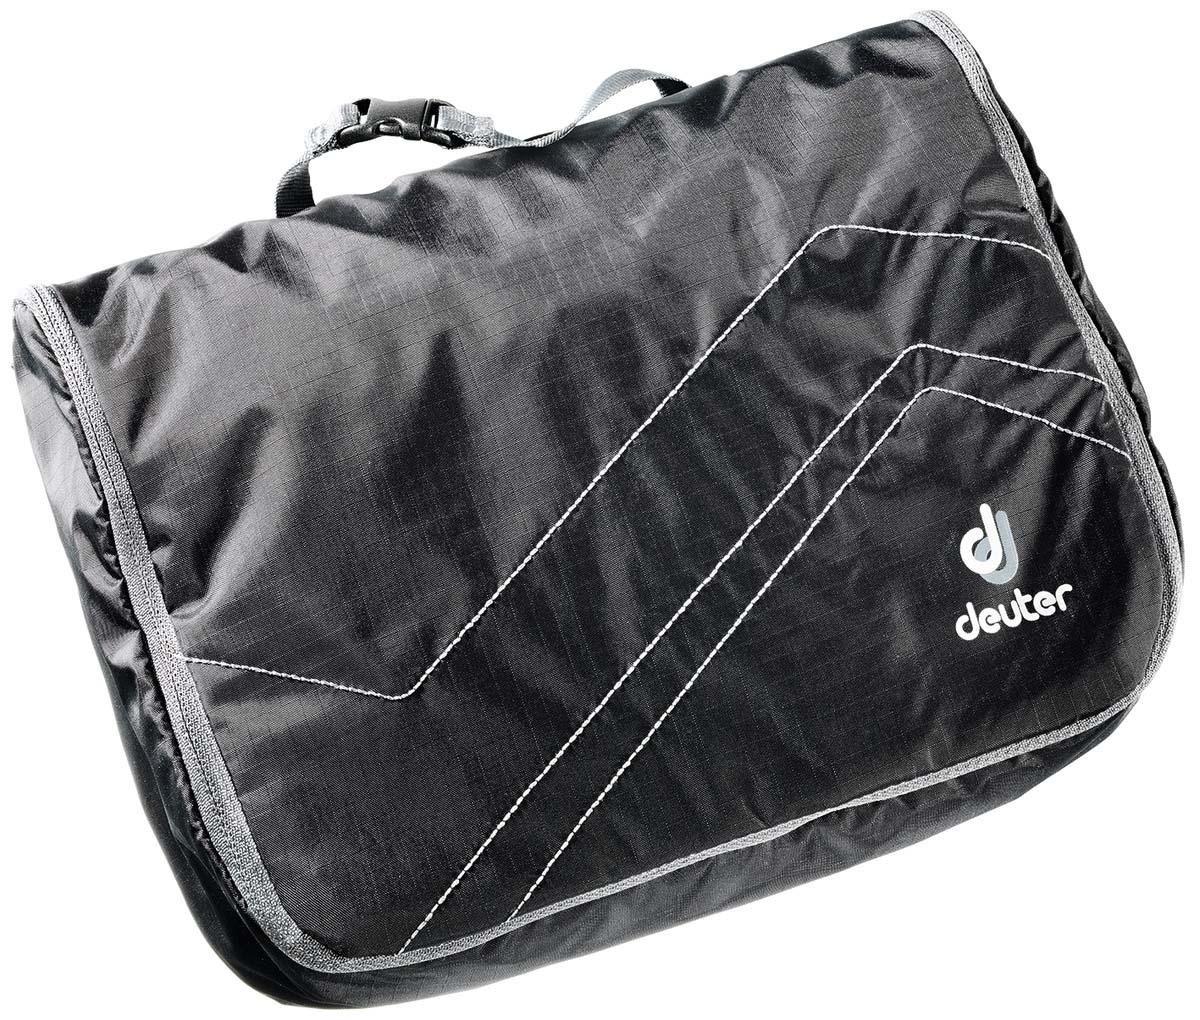 Косметичка Deuter Wash Center Lite II, цвет: черный, темно-серый, 18 см х 24 см х 8 см